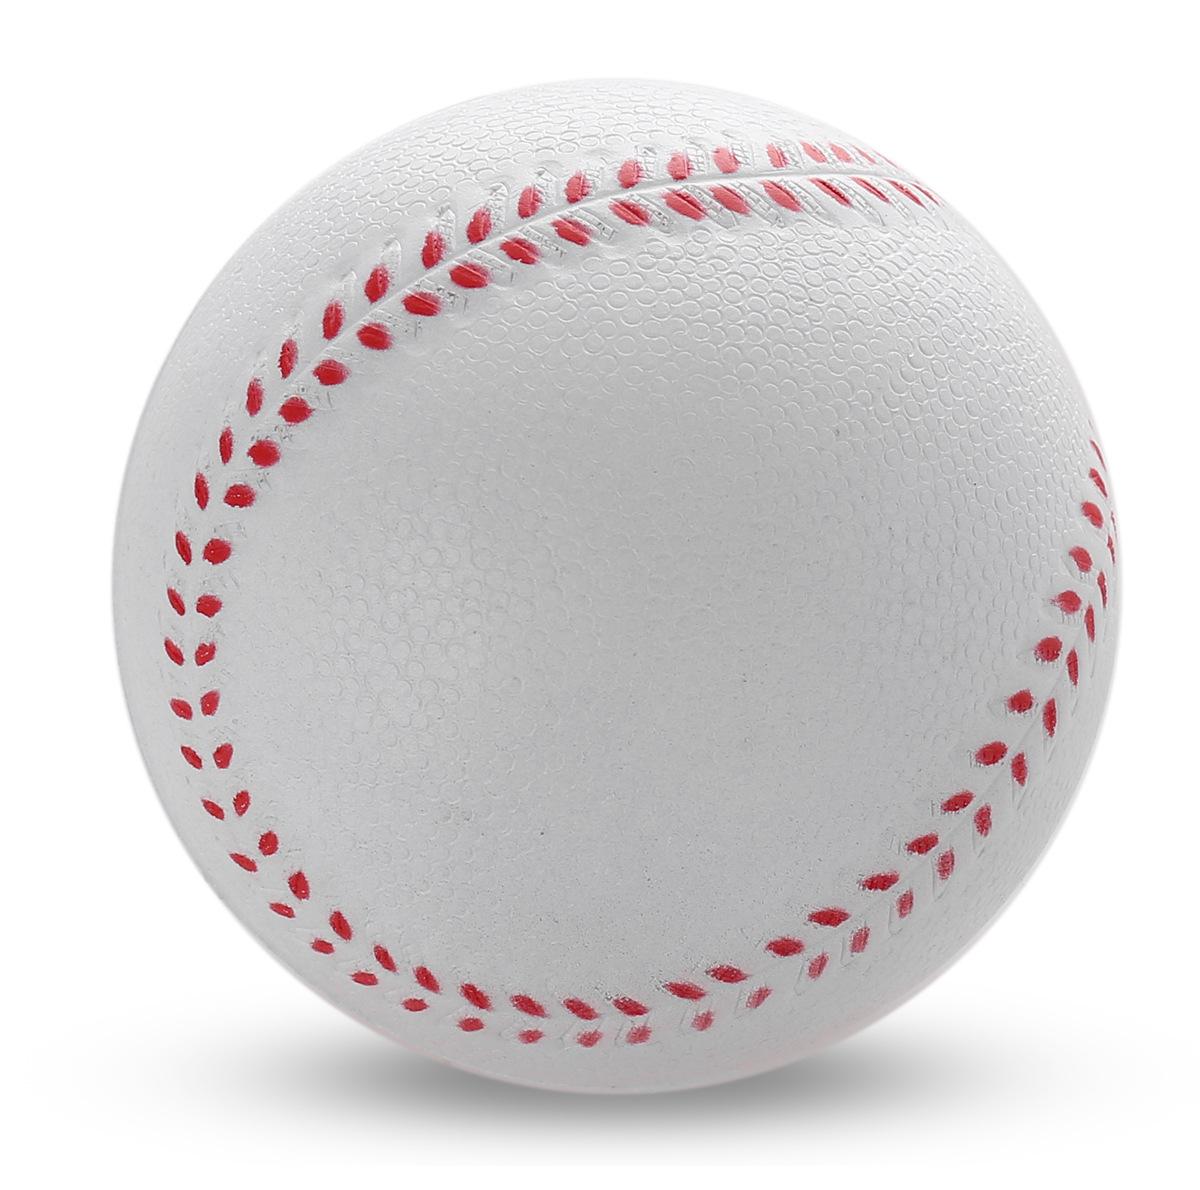 垒球球类飞艇/球类运动埃拉西亚不够战力玩具图片